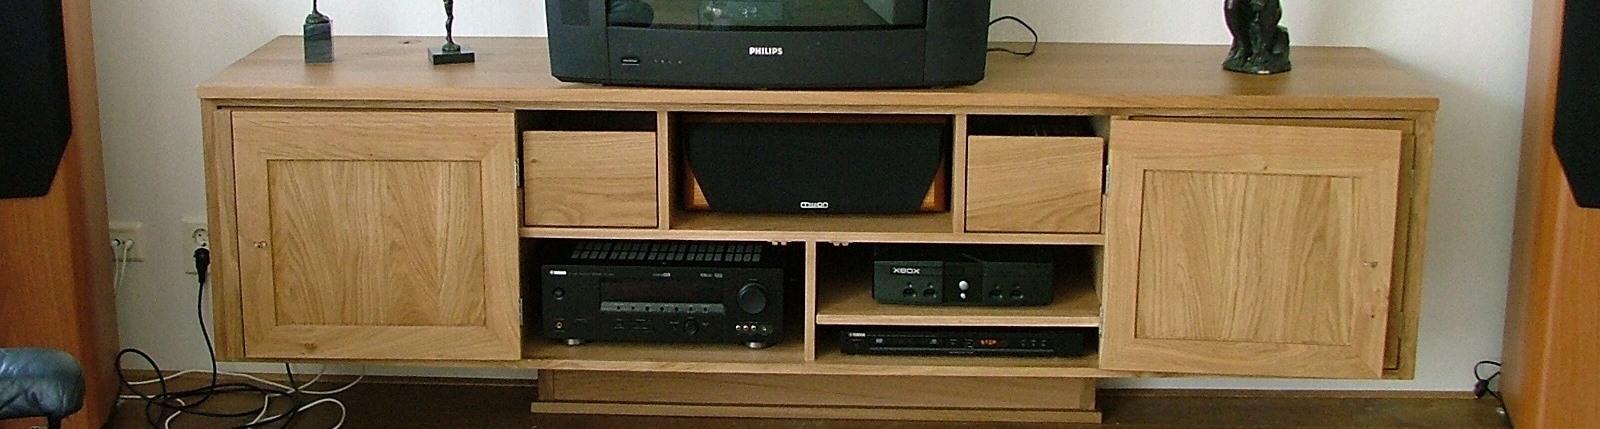 huisvesting voor alle video en audio apparatuur onder hand bereik Video meubel uit massief eiken